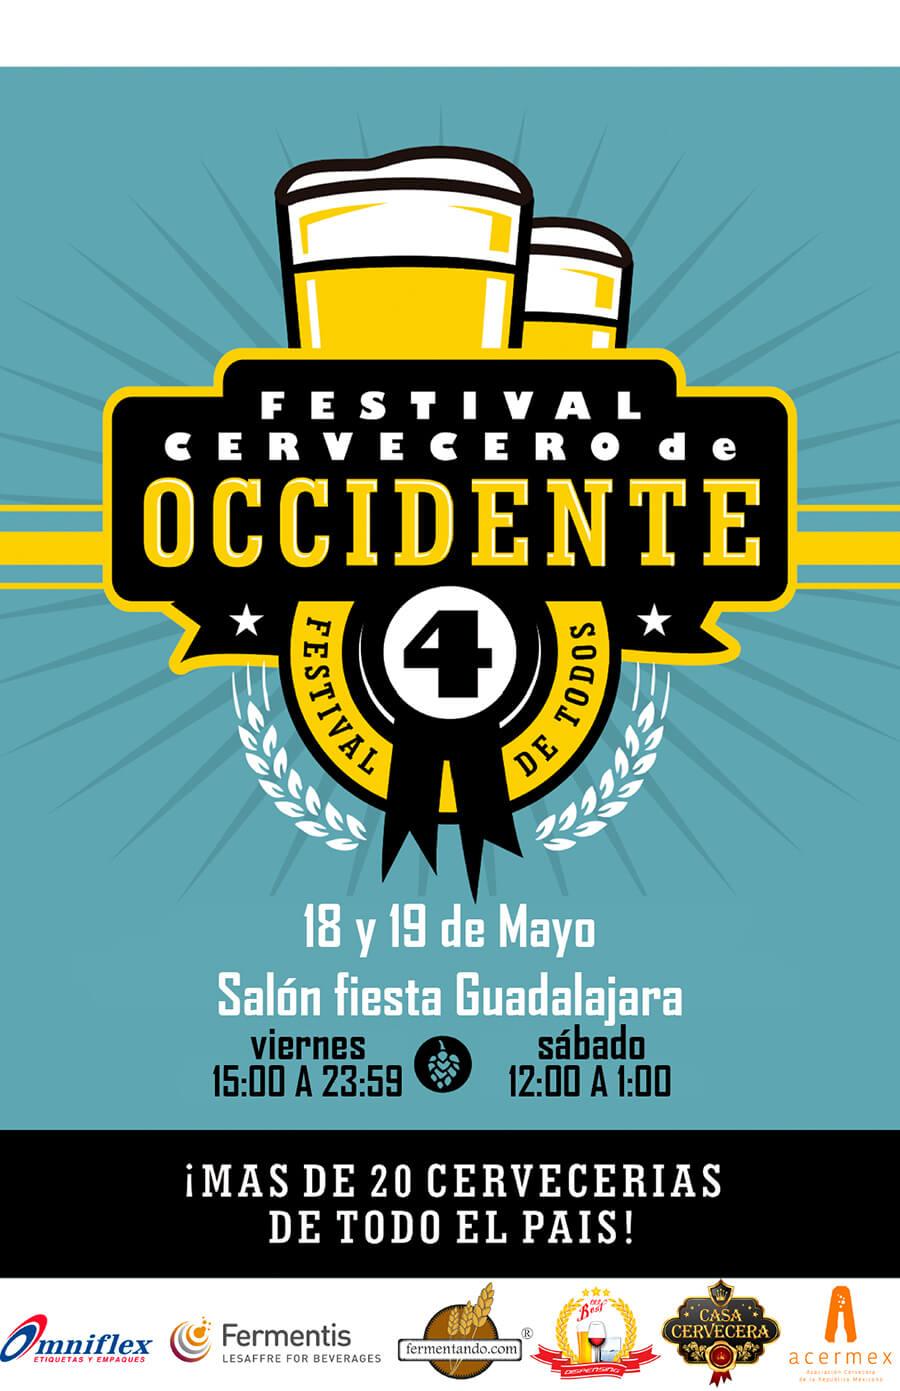 Festival Cervecero de Occidente - 18 y 19 de Mayo en Salón Fiesta Guadalajara